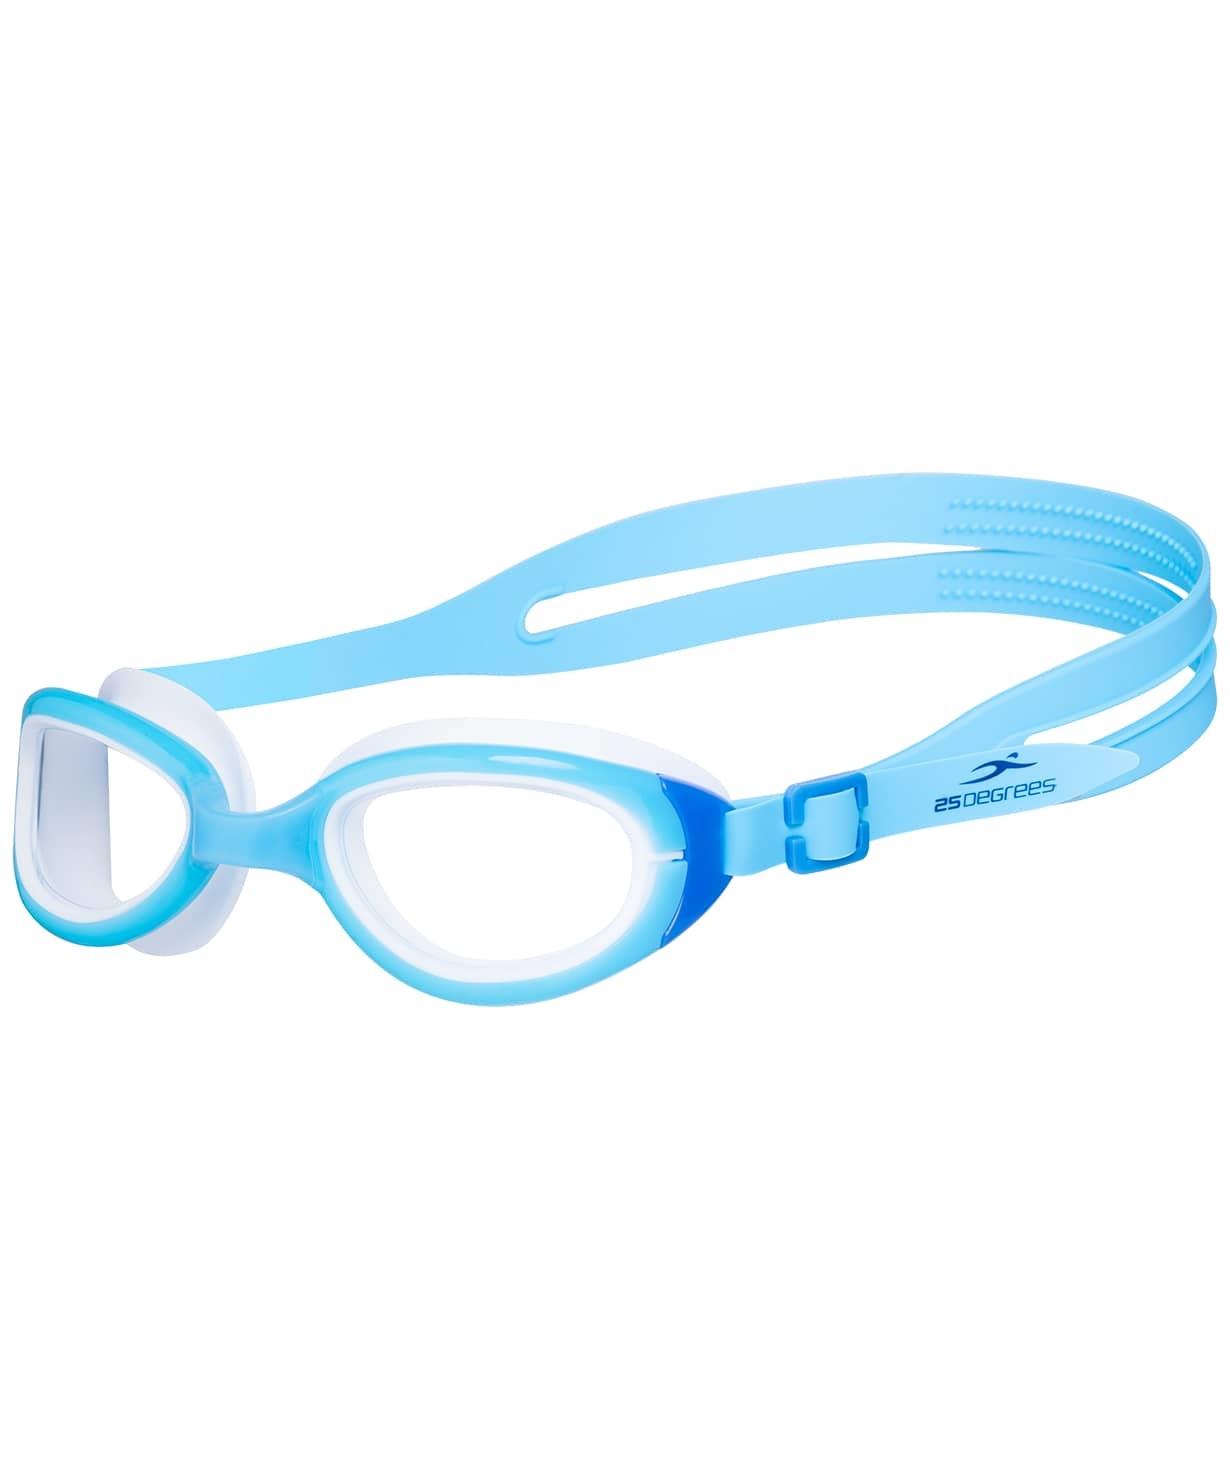 Очки для плавания Friggo Light Blue/White, подростковые